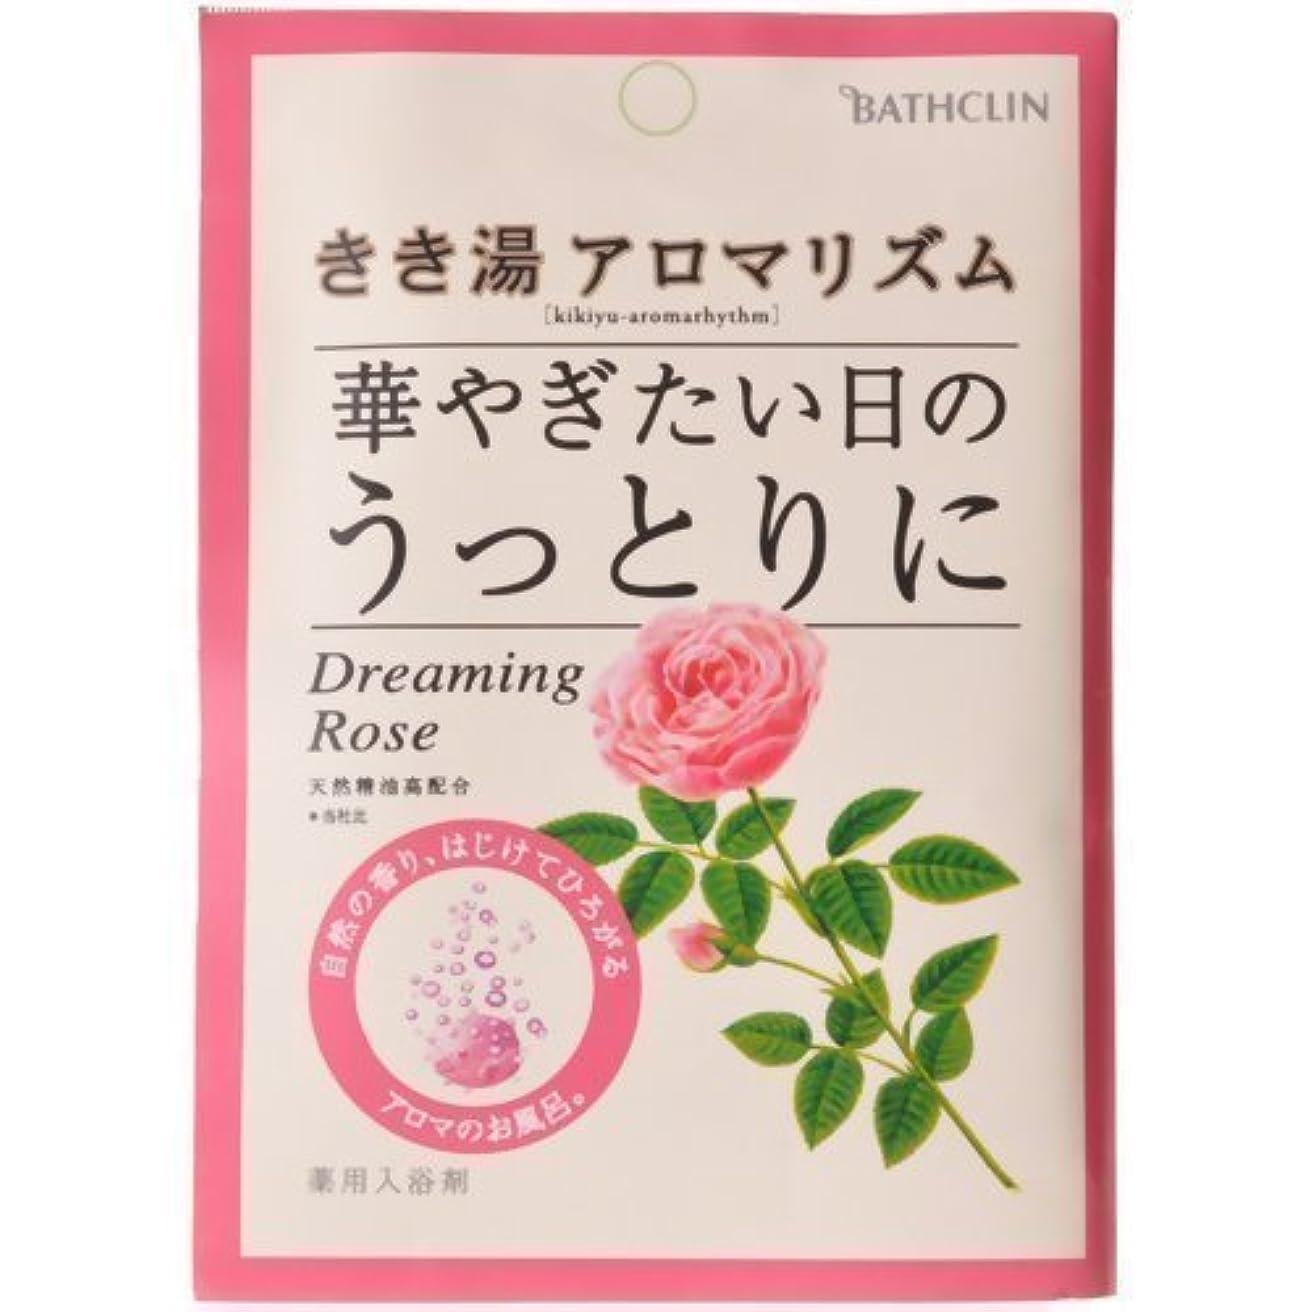 ステープル検体投資【まとめ買い】きき湯 アロマリズム ドリーミングローズの香り 30g ×5個